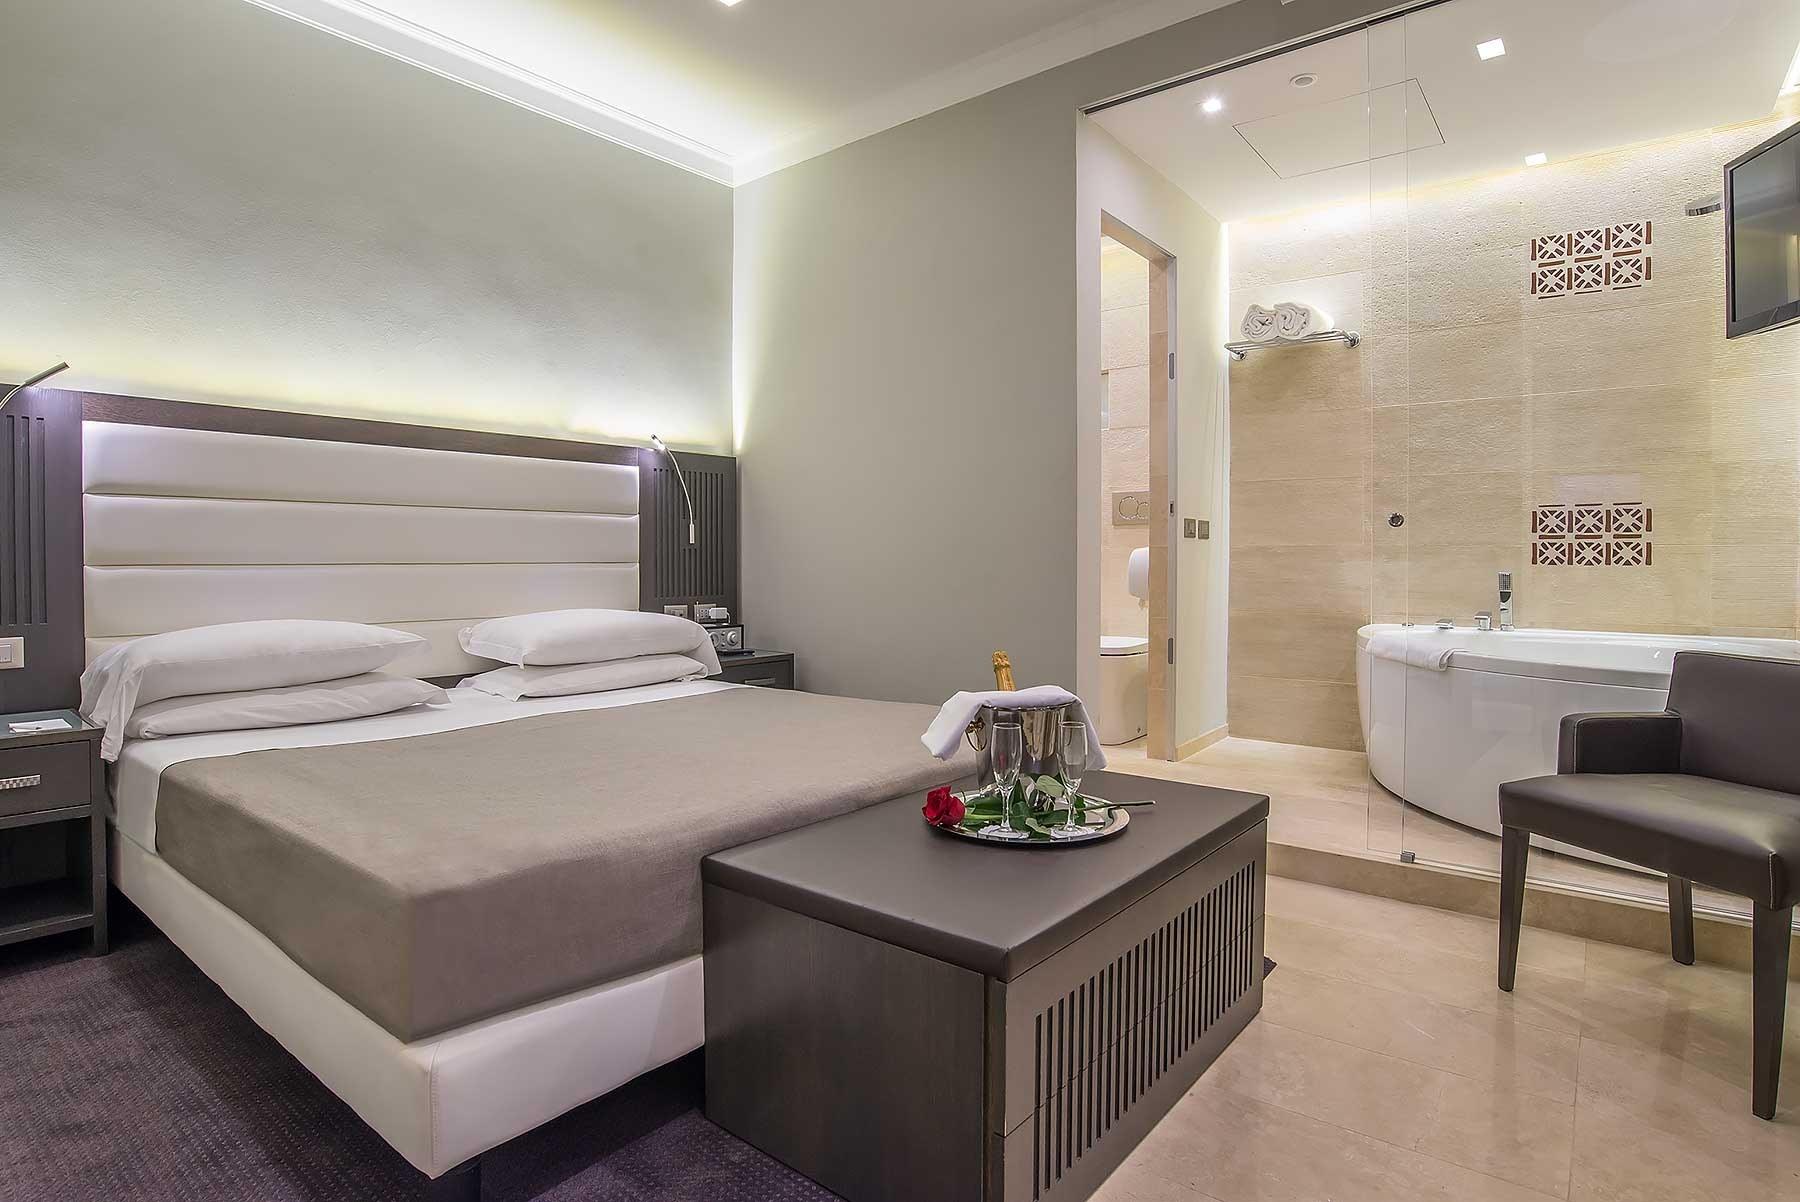 Hotel Accademia Roma Recensioni